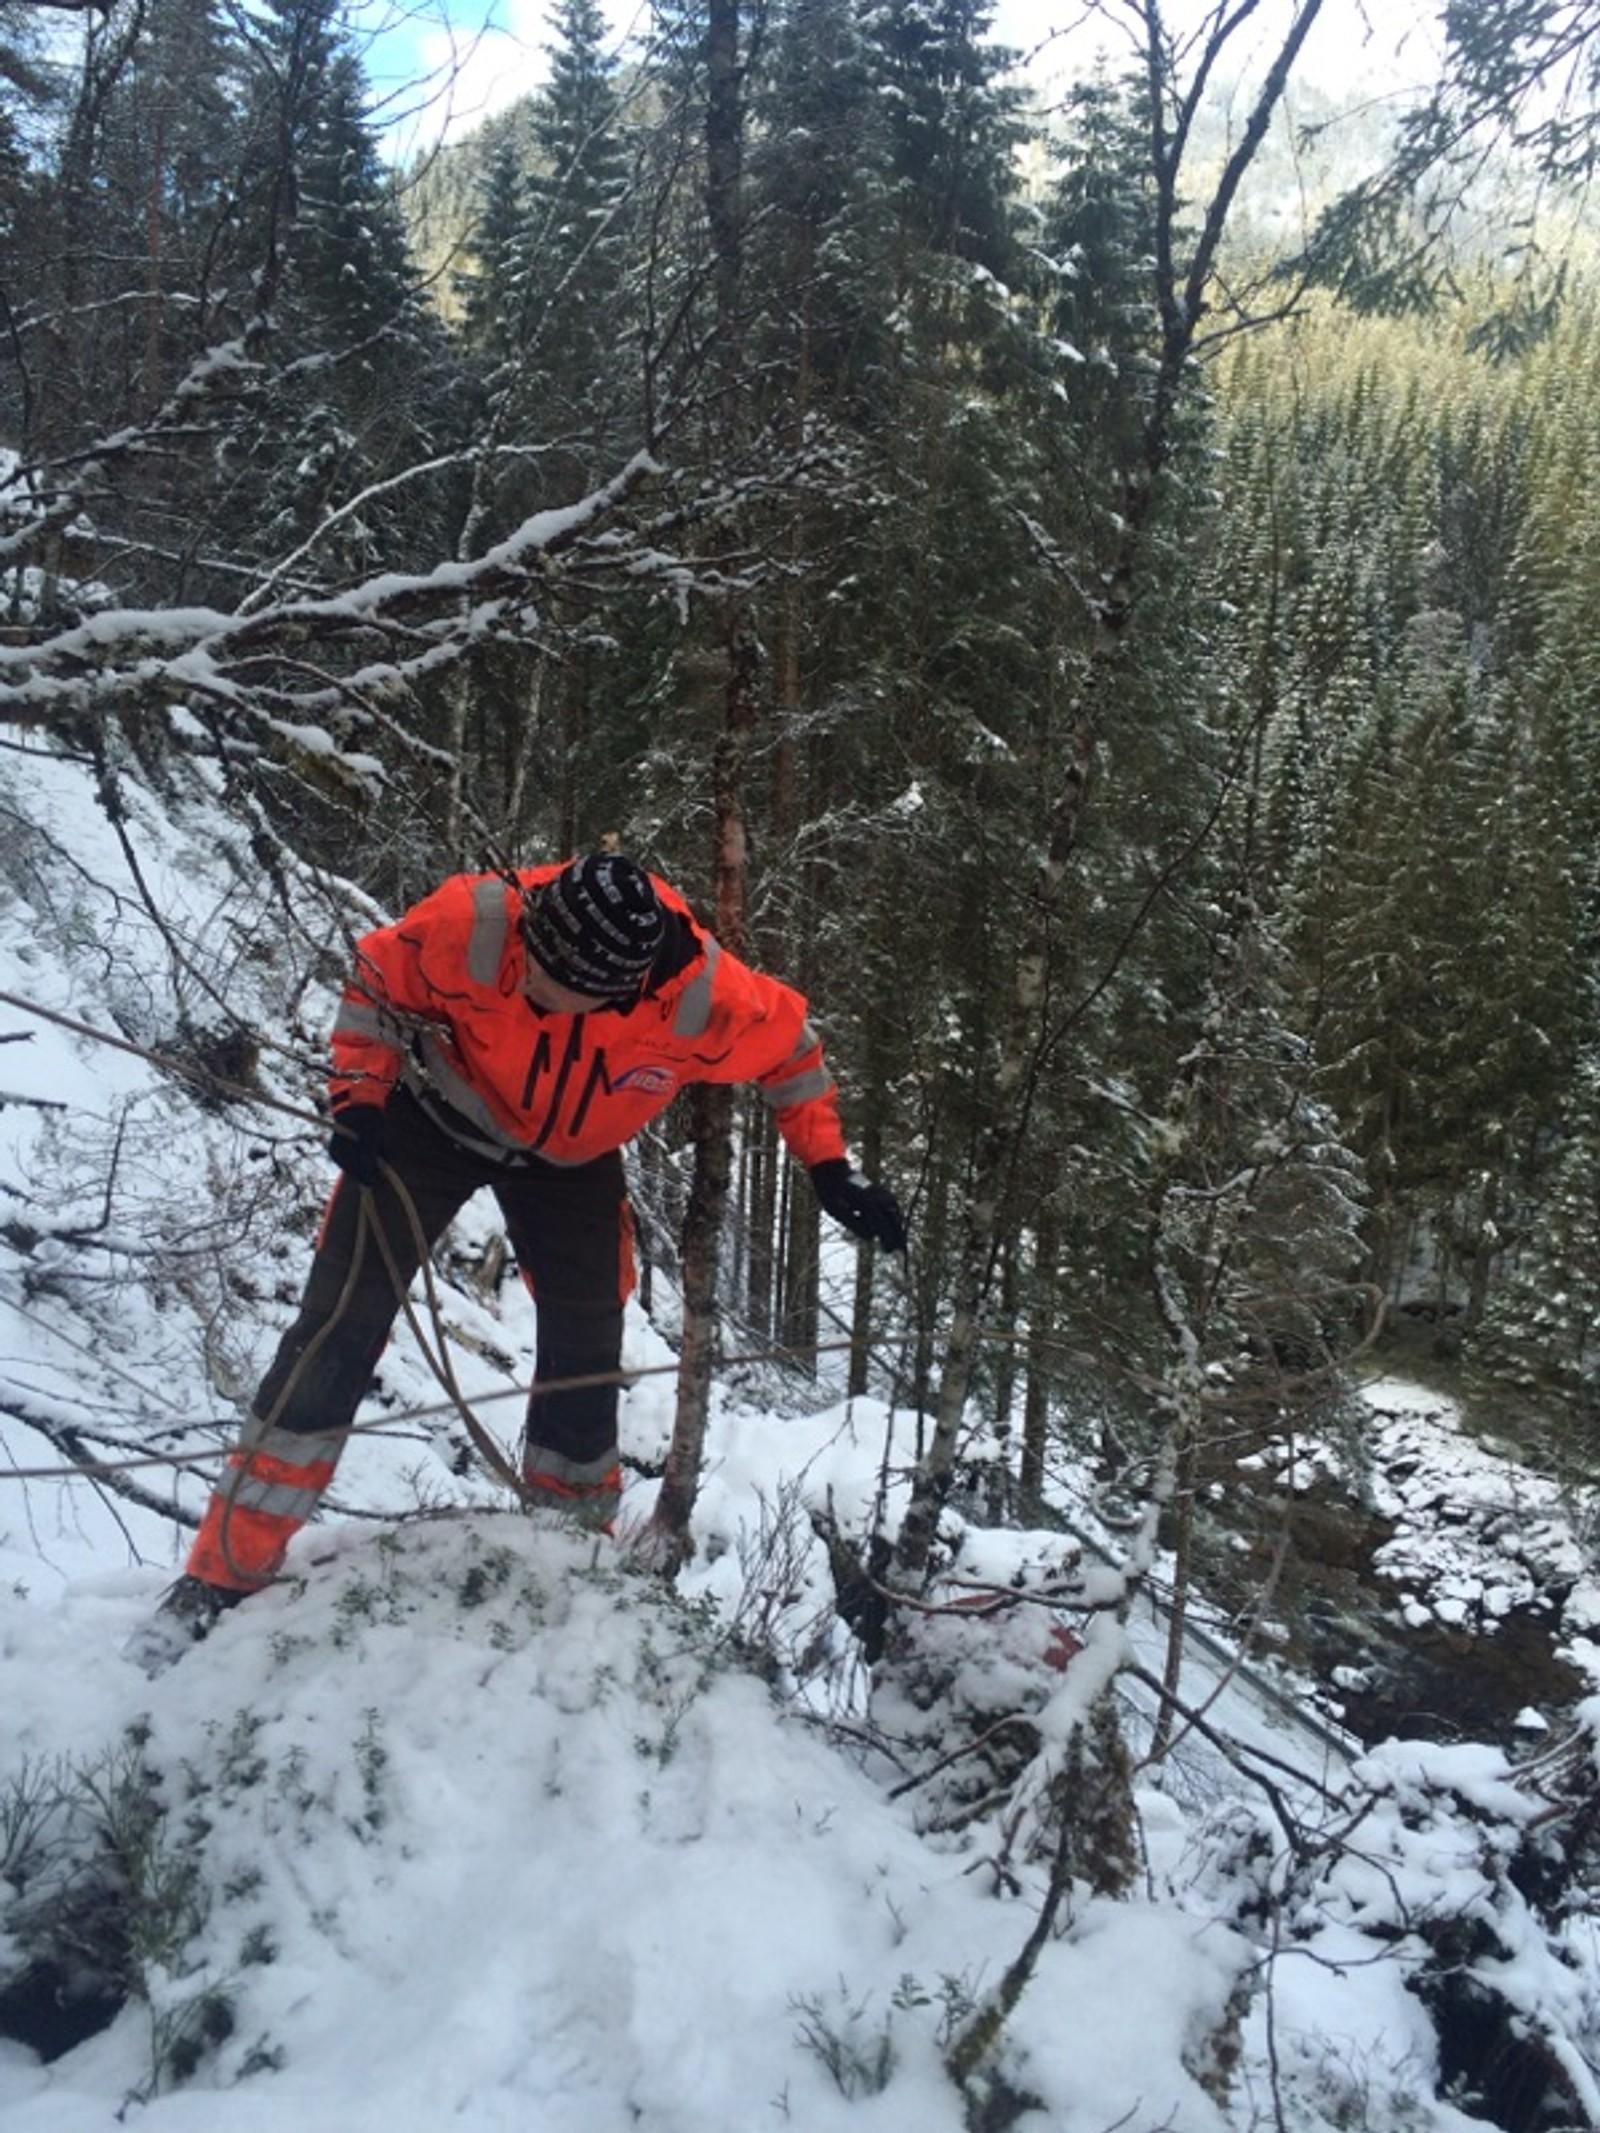 VURDERER: Før arbeidarane i Norsk Bergsikring kan starte på sjølve sikringsjobben, må dei vurdere korleis steinmassene er i området dei skal jobbe i.